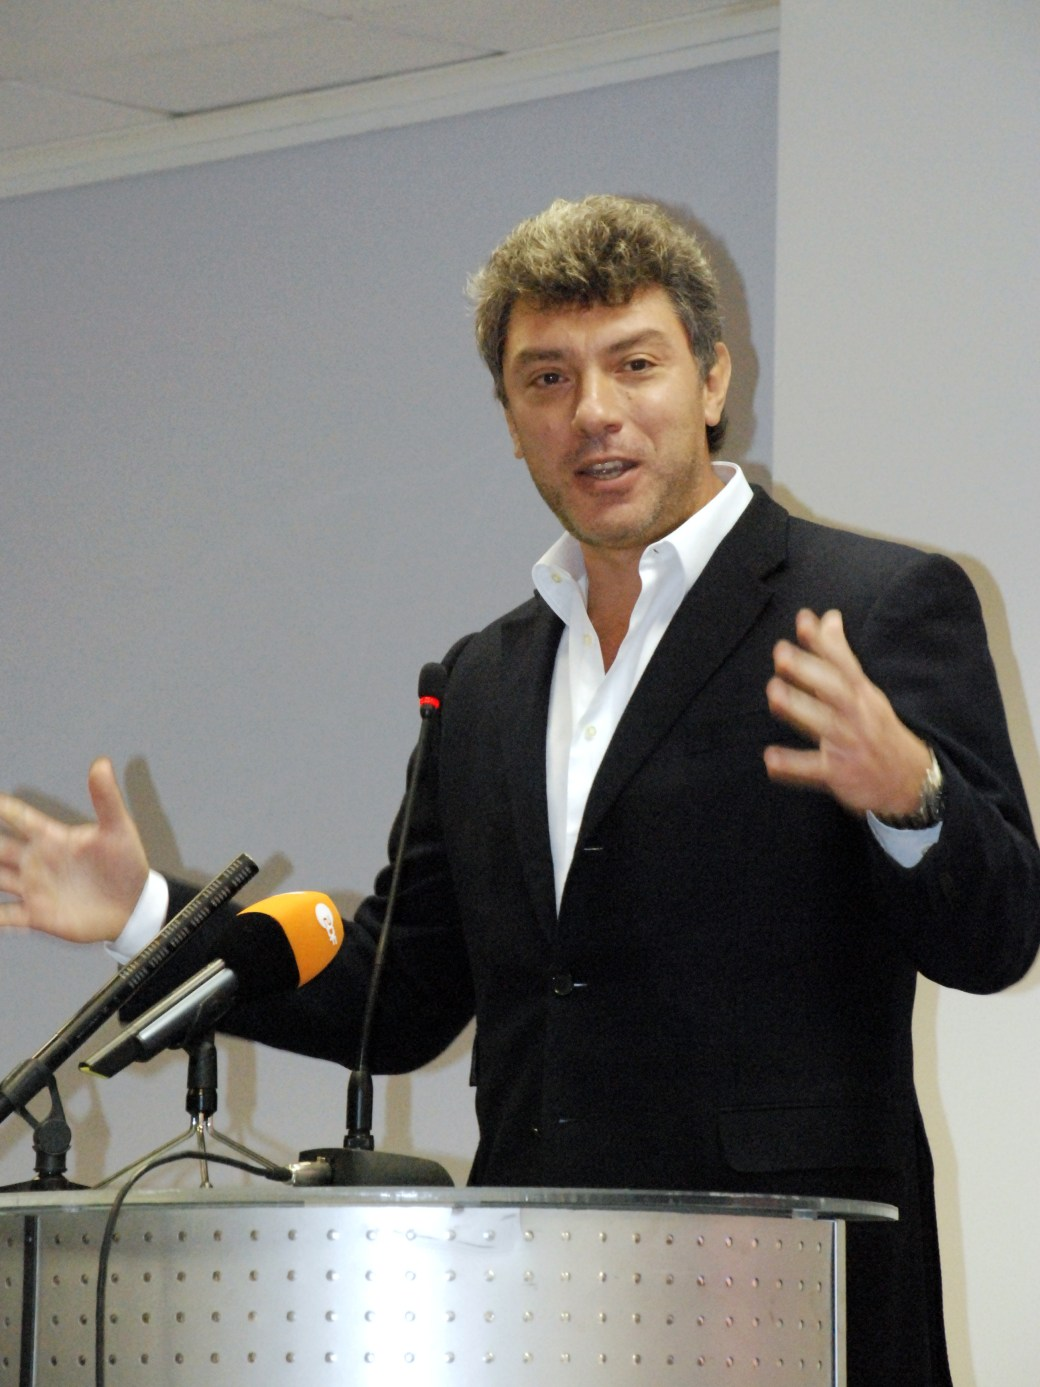 Борис Немцов на московской конференции движения «Солидарность». 23 ноября 2008 года